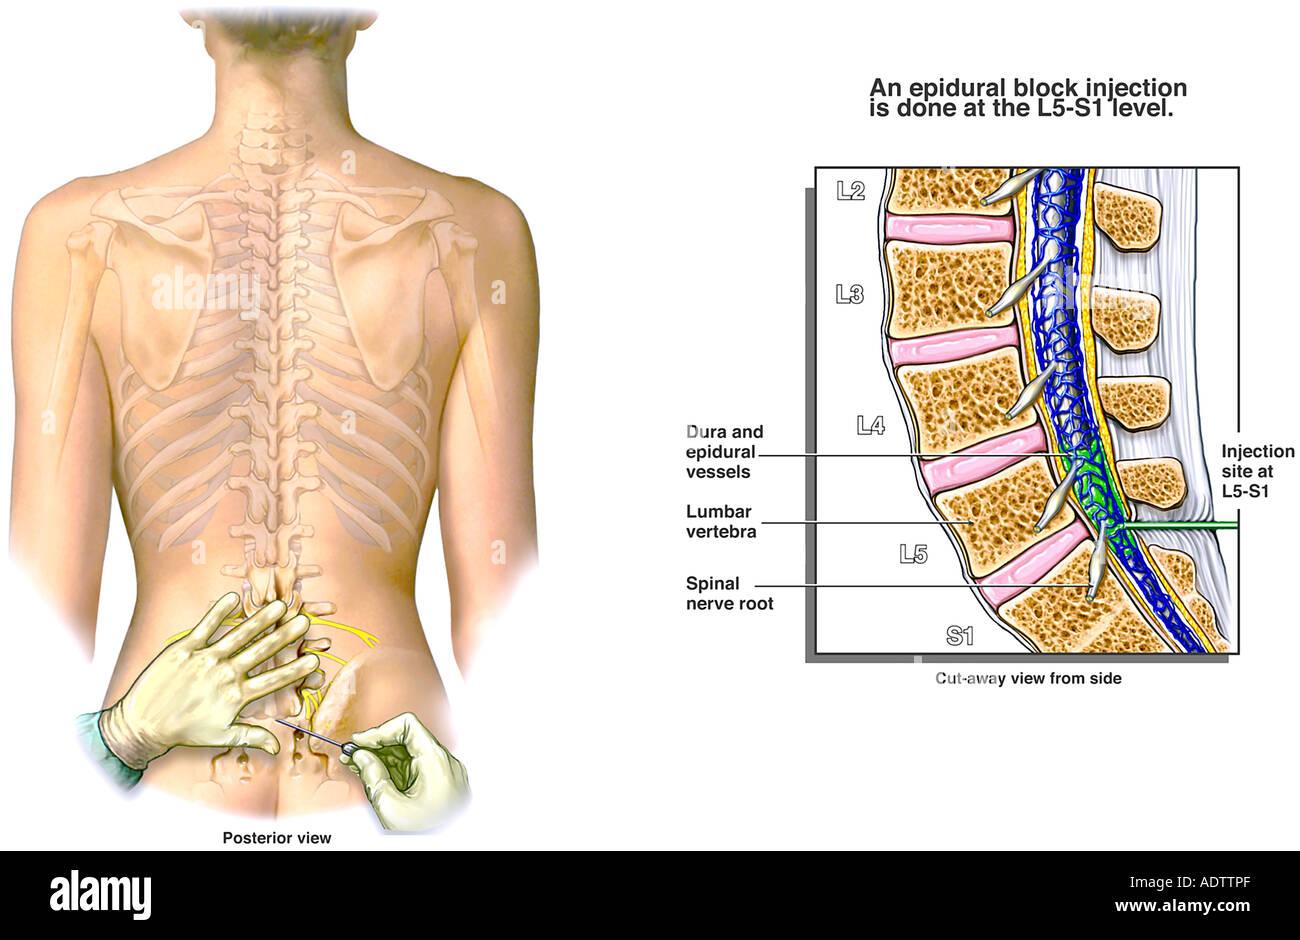 Lumbar Epidural Injection - Stock Image